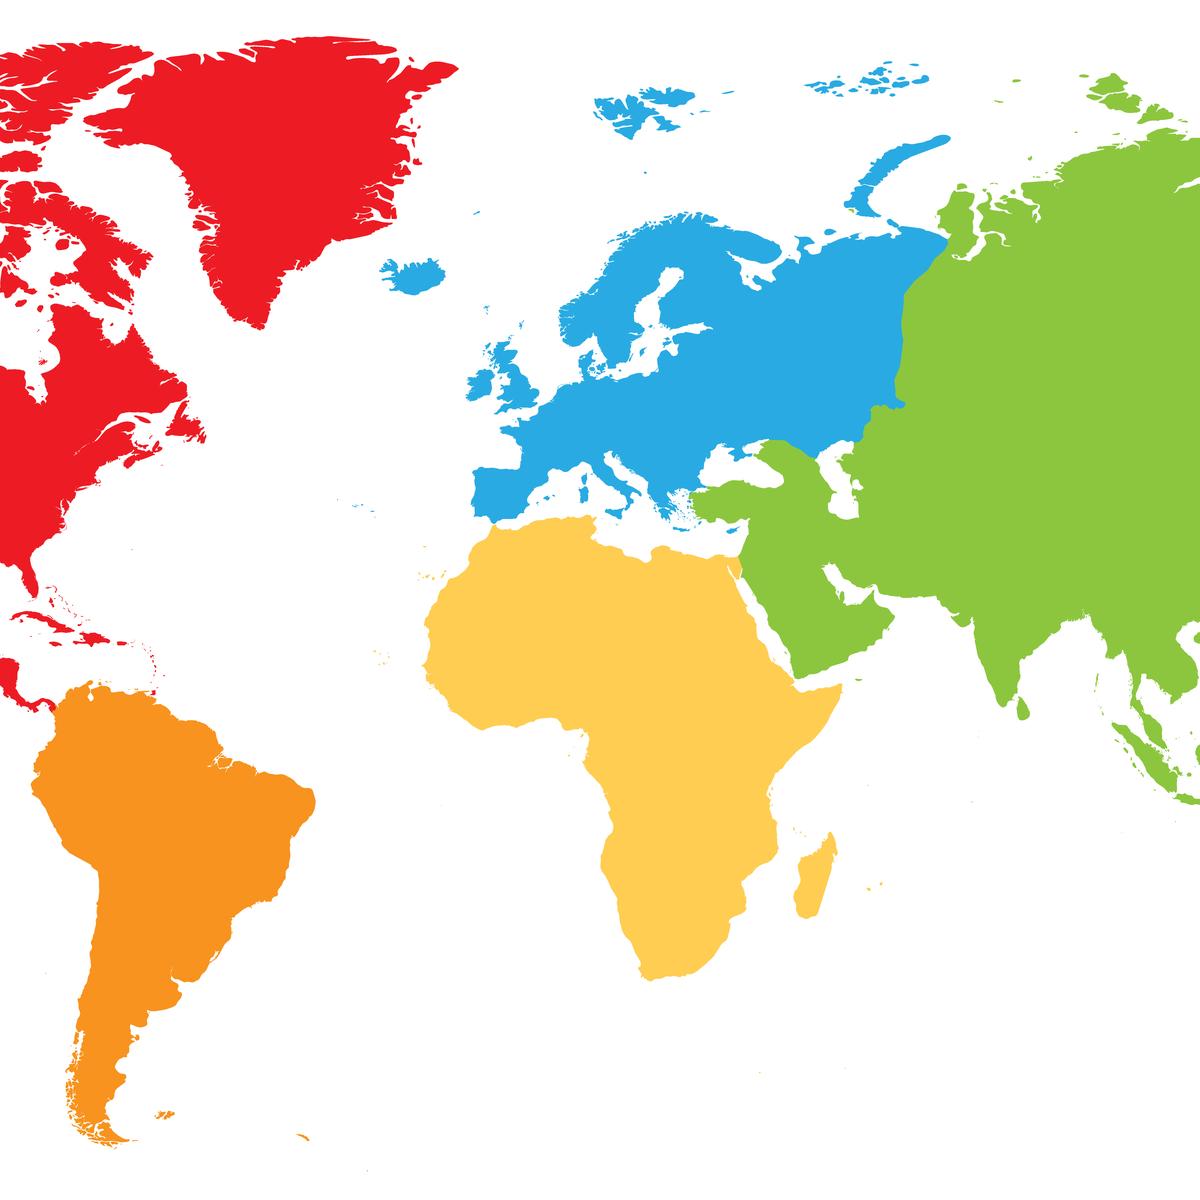 Producción Regional: una perspectiva desde el comercio internacional